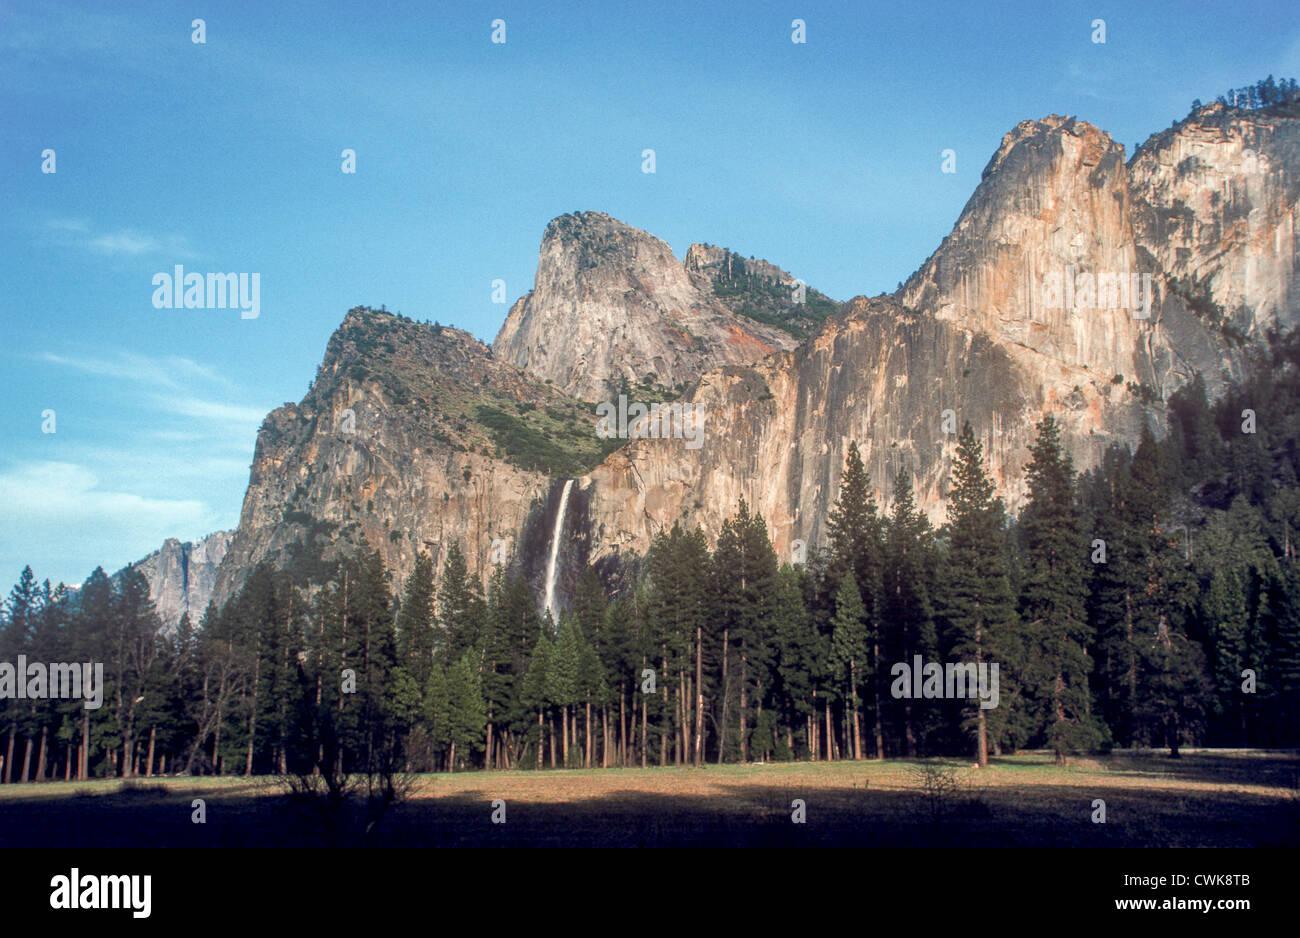 Una vista di Bridalveil rientrano nel Parco Nazionale di Yosemite in California, Stati Uniti d'America. Foto Stock